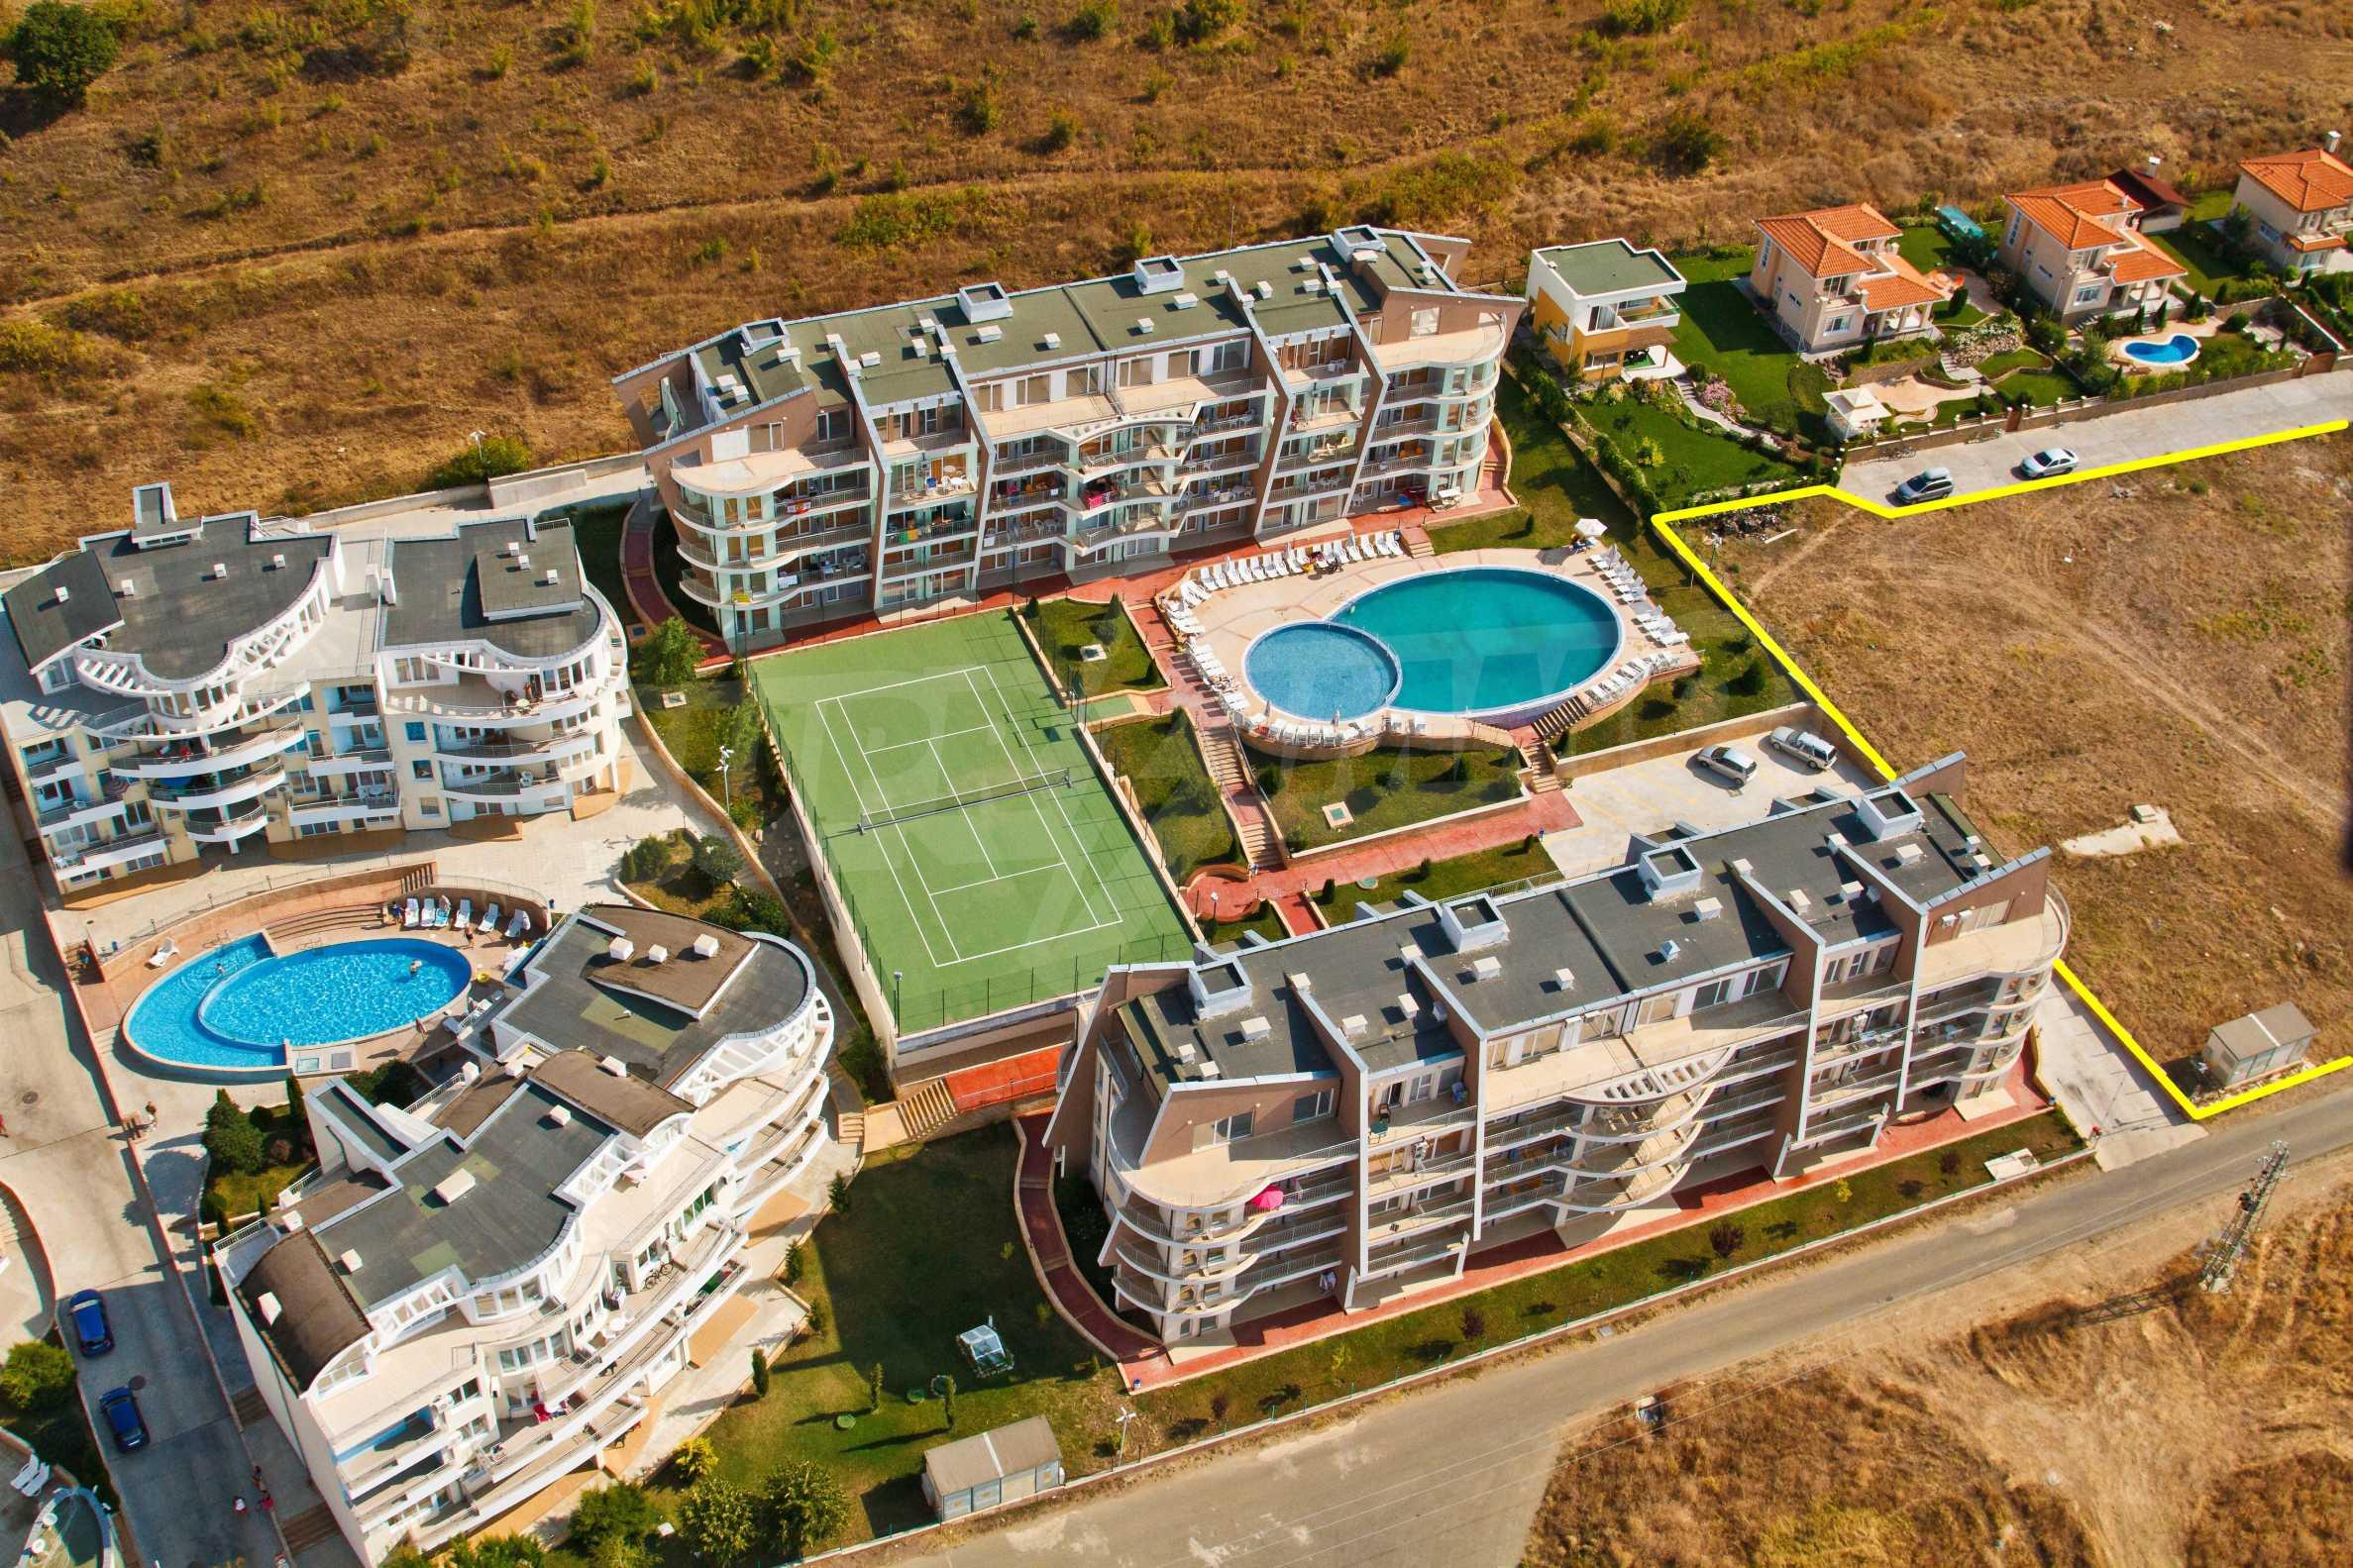 Erschlossene Grundstücke in der luxuriösen Villa-Siedlung SUNSET VILLAS 2